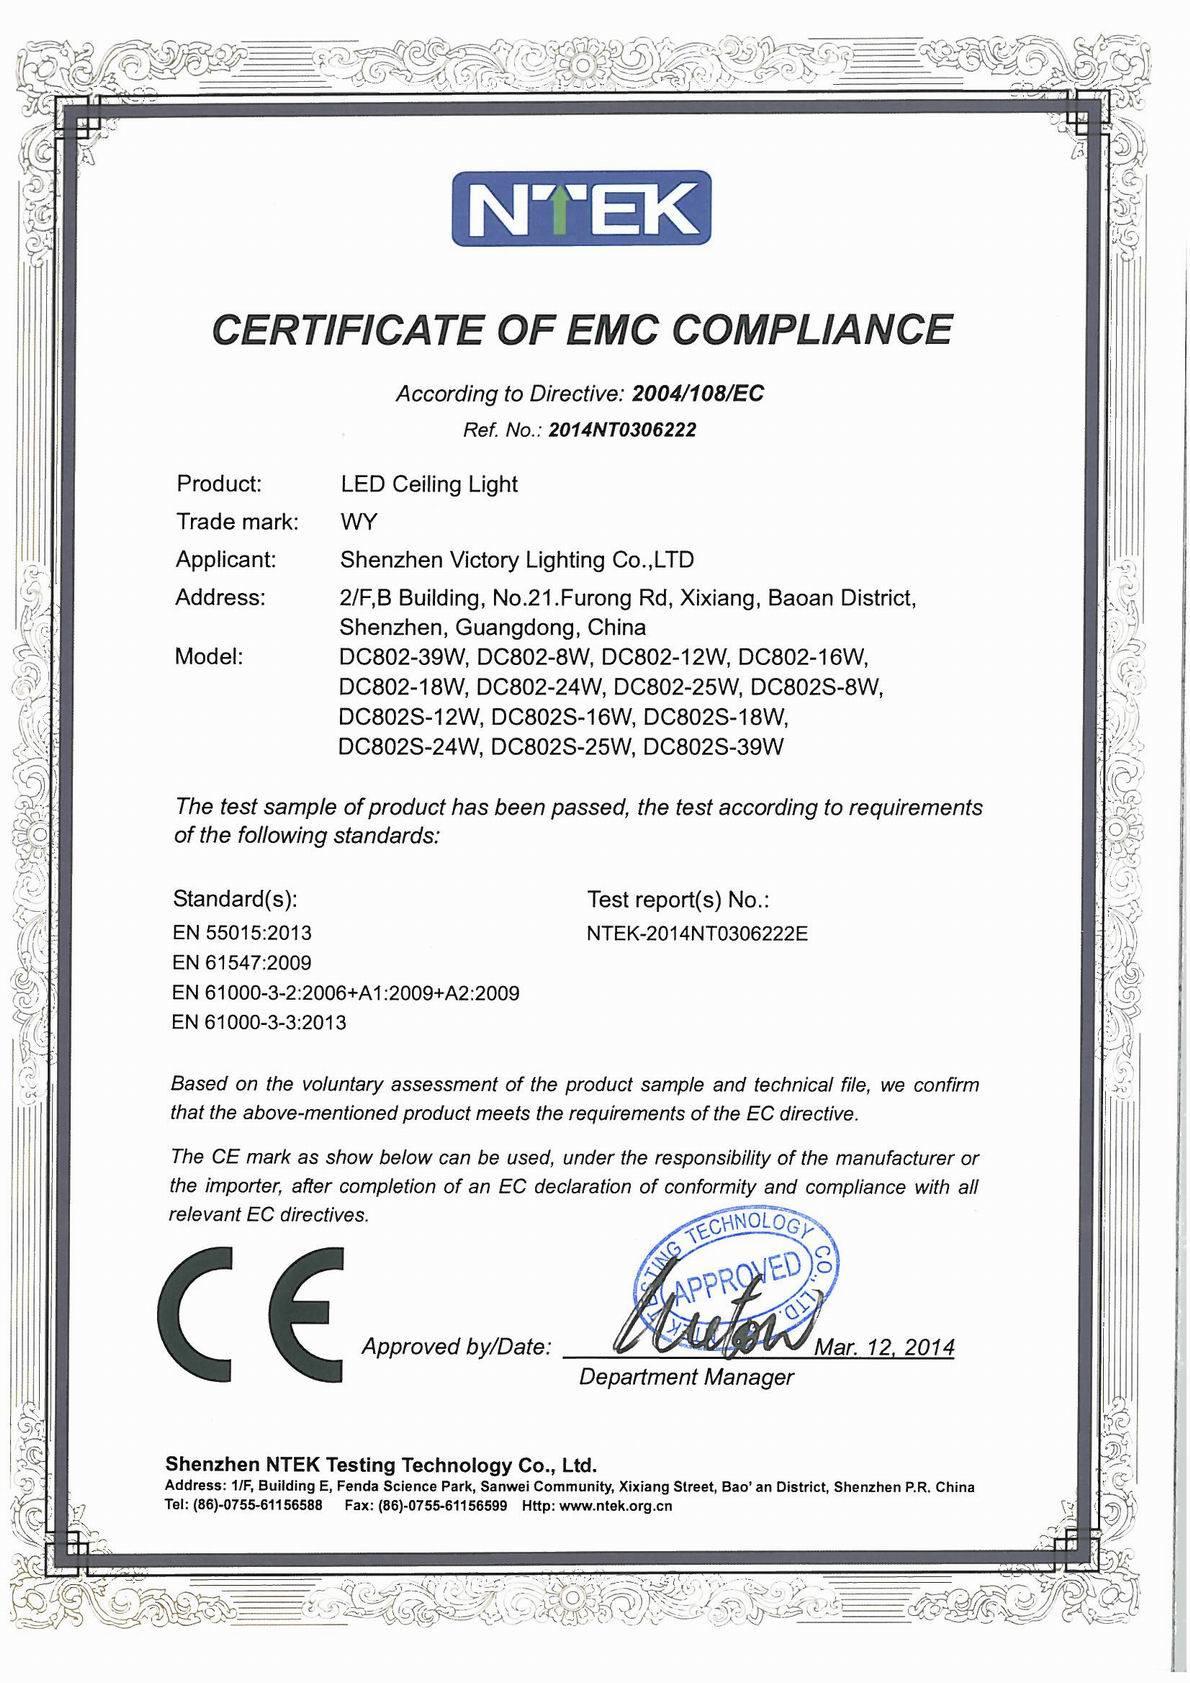 Led Ceiling Light Ceemc Certification Shenzhen Victory Lighting